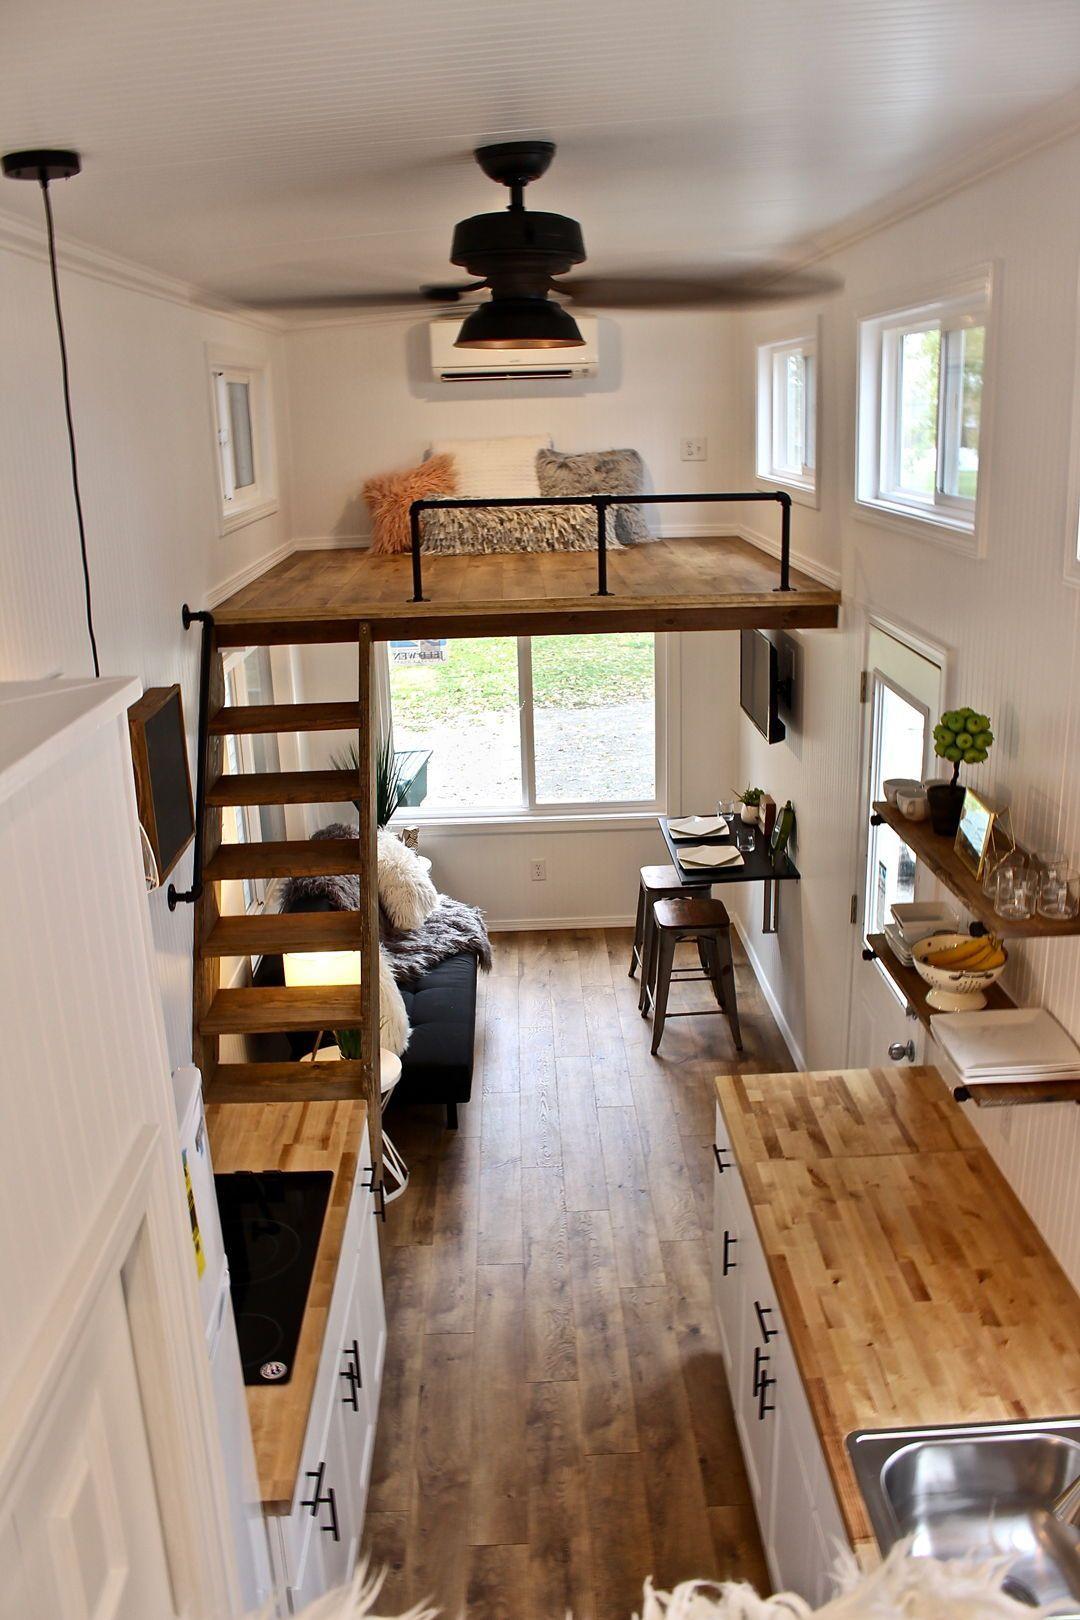 Rebord Loft Avec Pipes Noires Fenetre Dans Les Lofts Sur Les Cotes Interieurs De Toute Petite Maison Vivre Dans Une Mini Maison Petite Maison Sur Roues